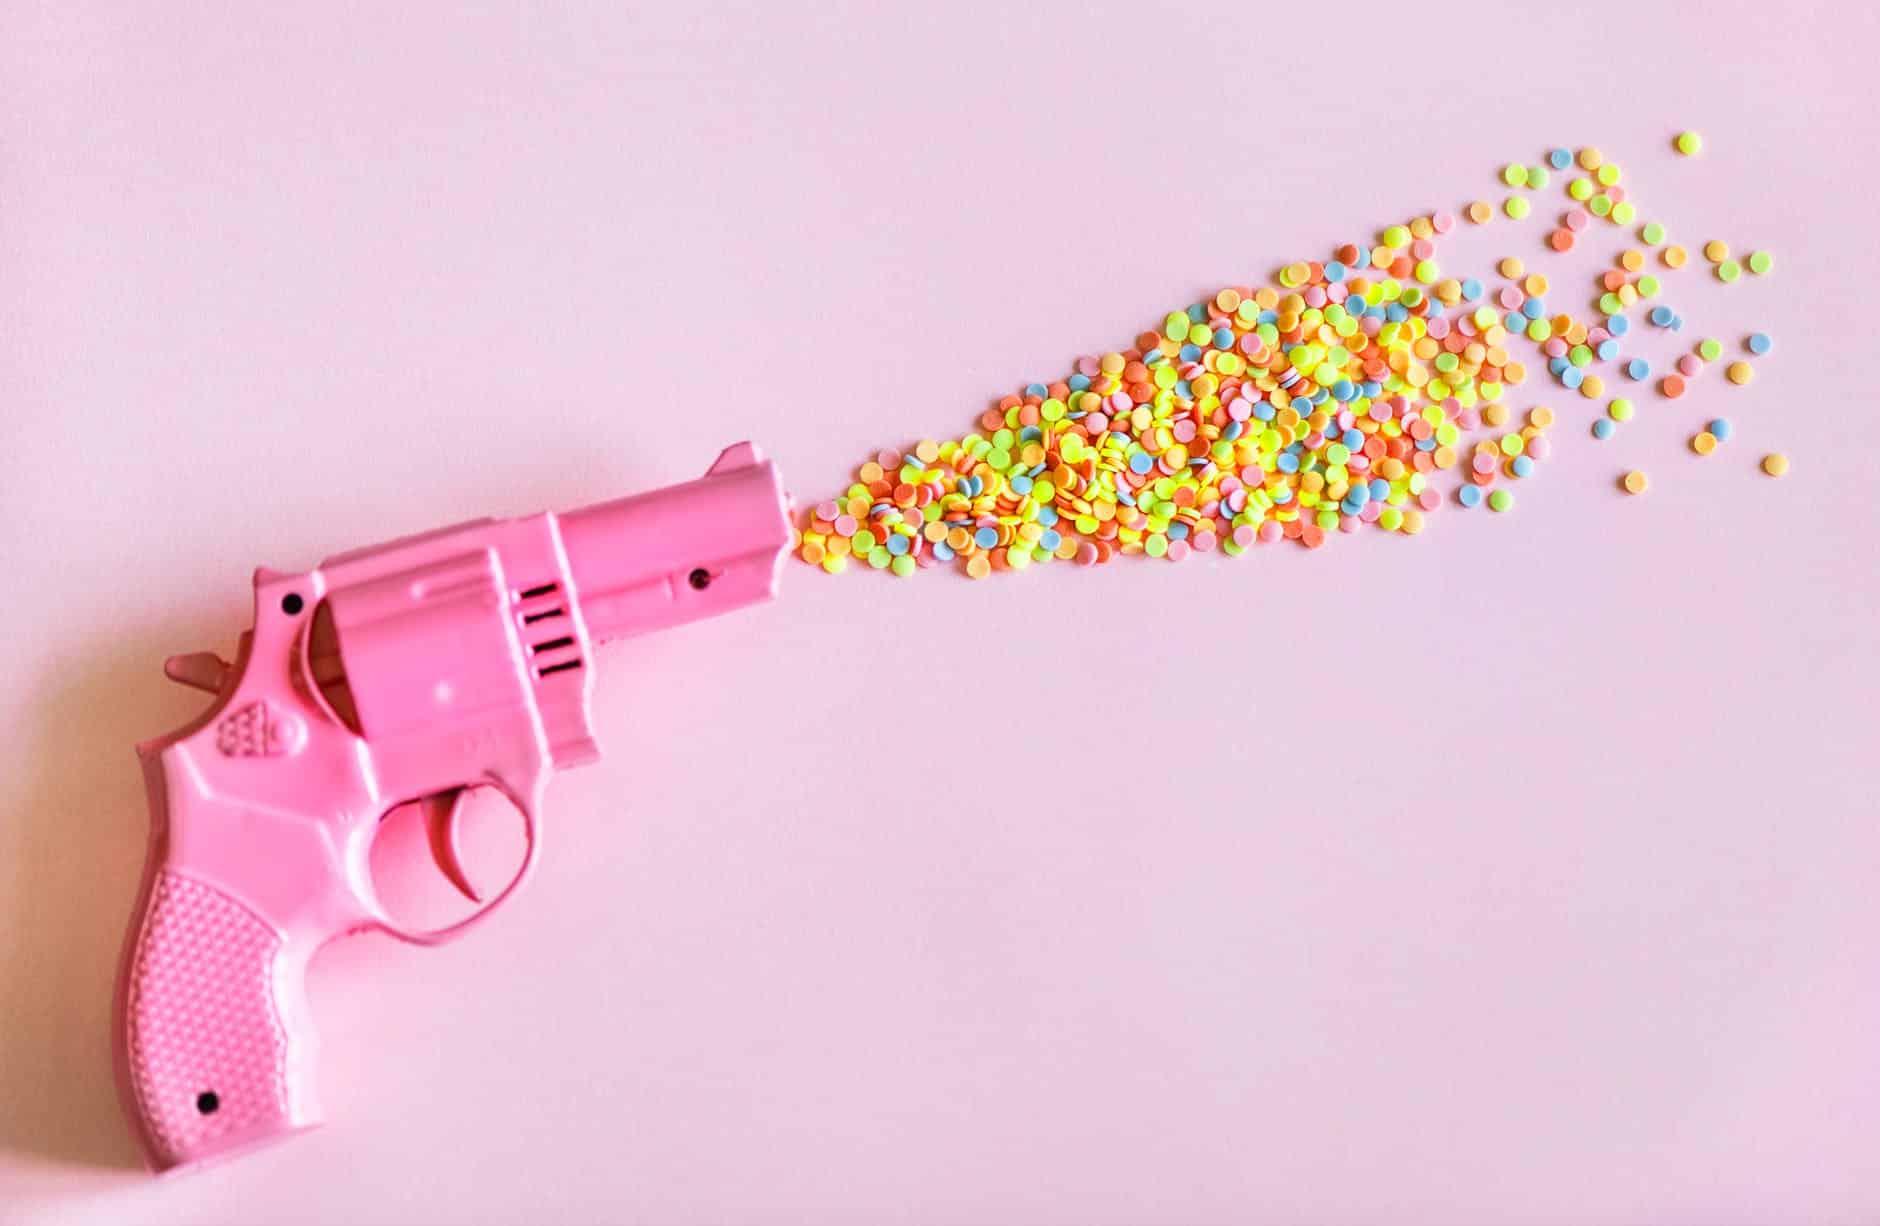 pistolet en plastique enfant jouet